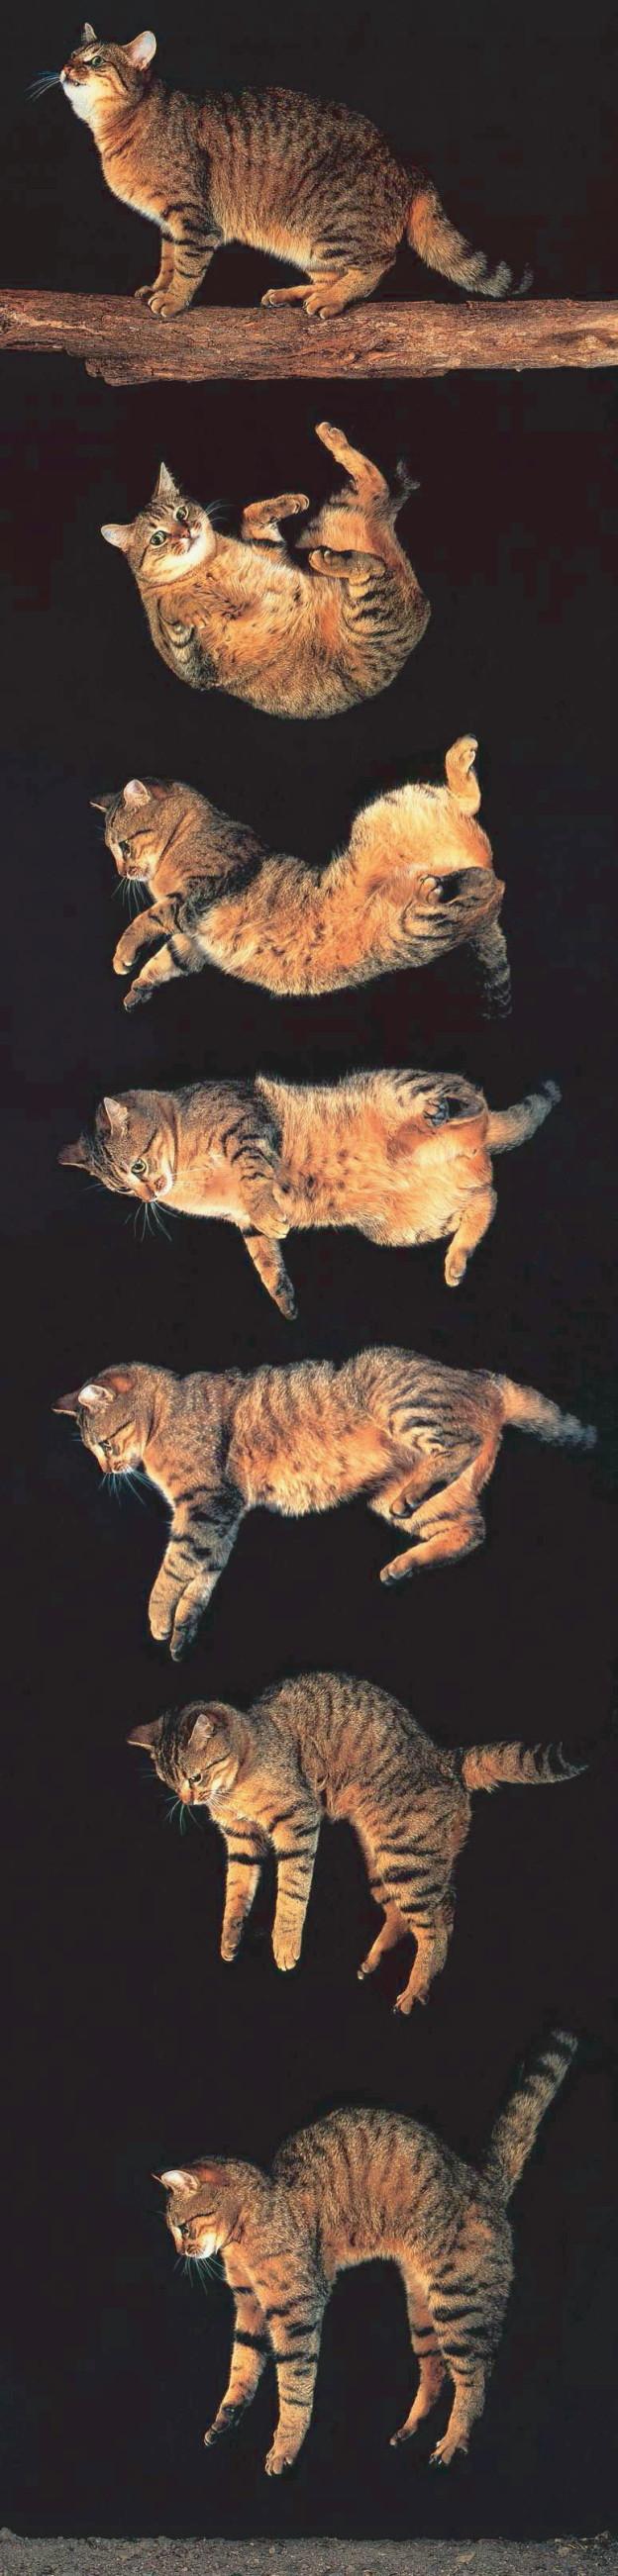 falling_cat04